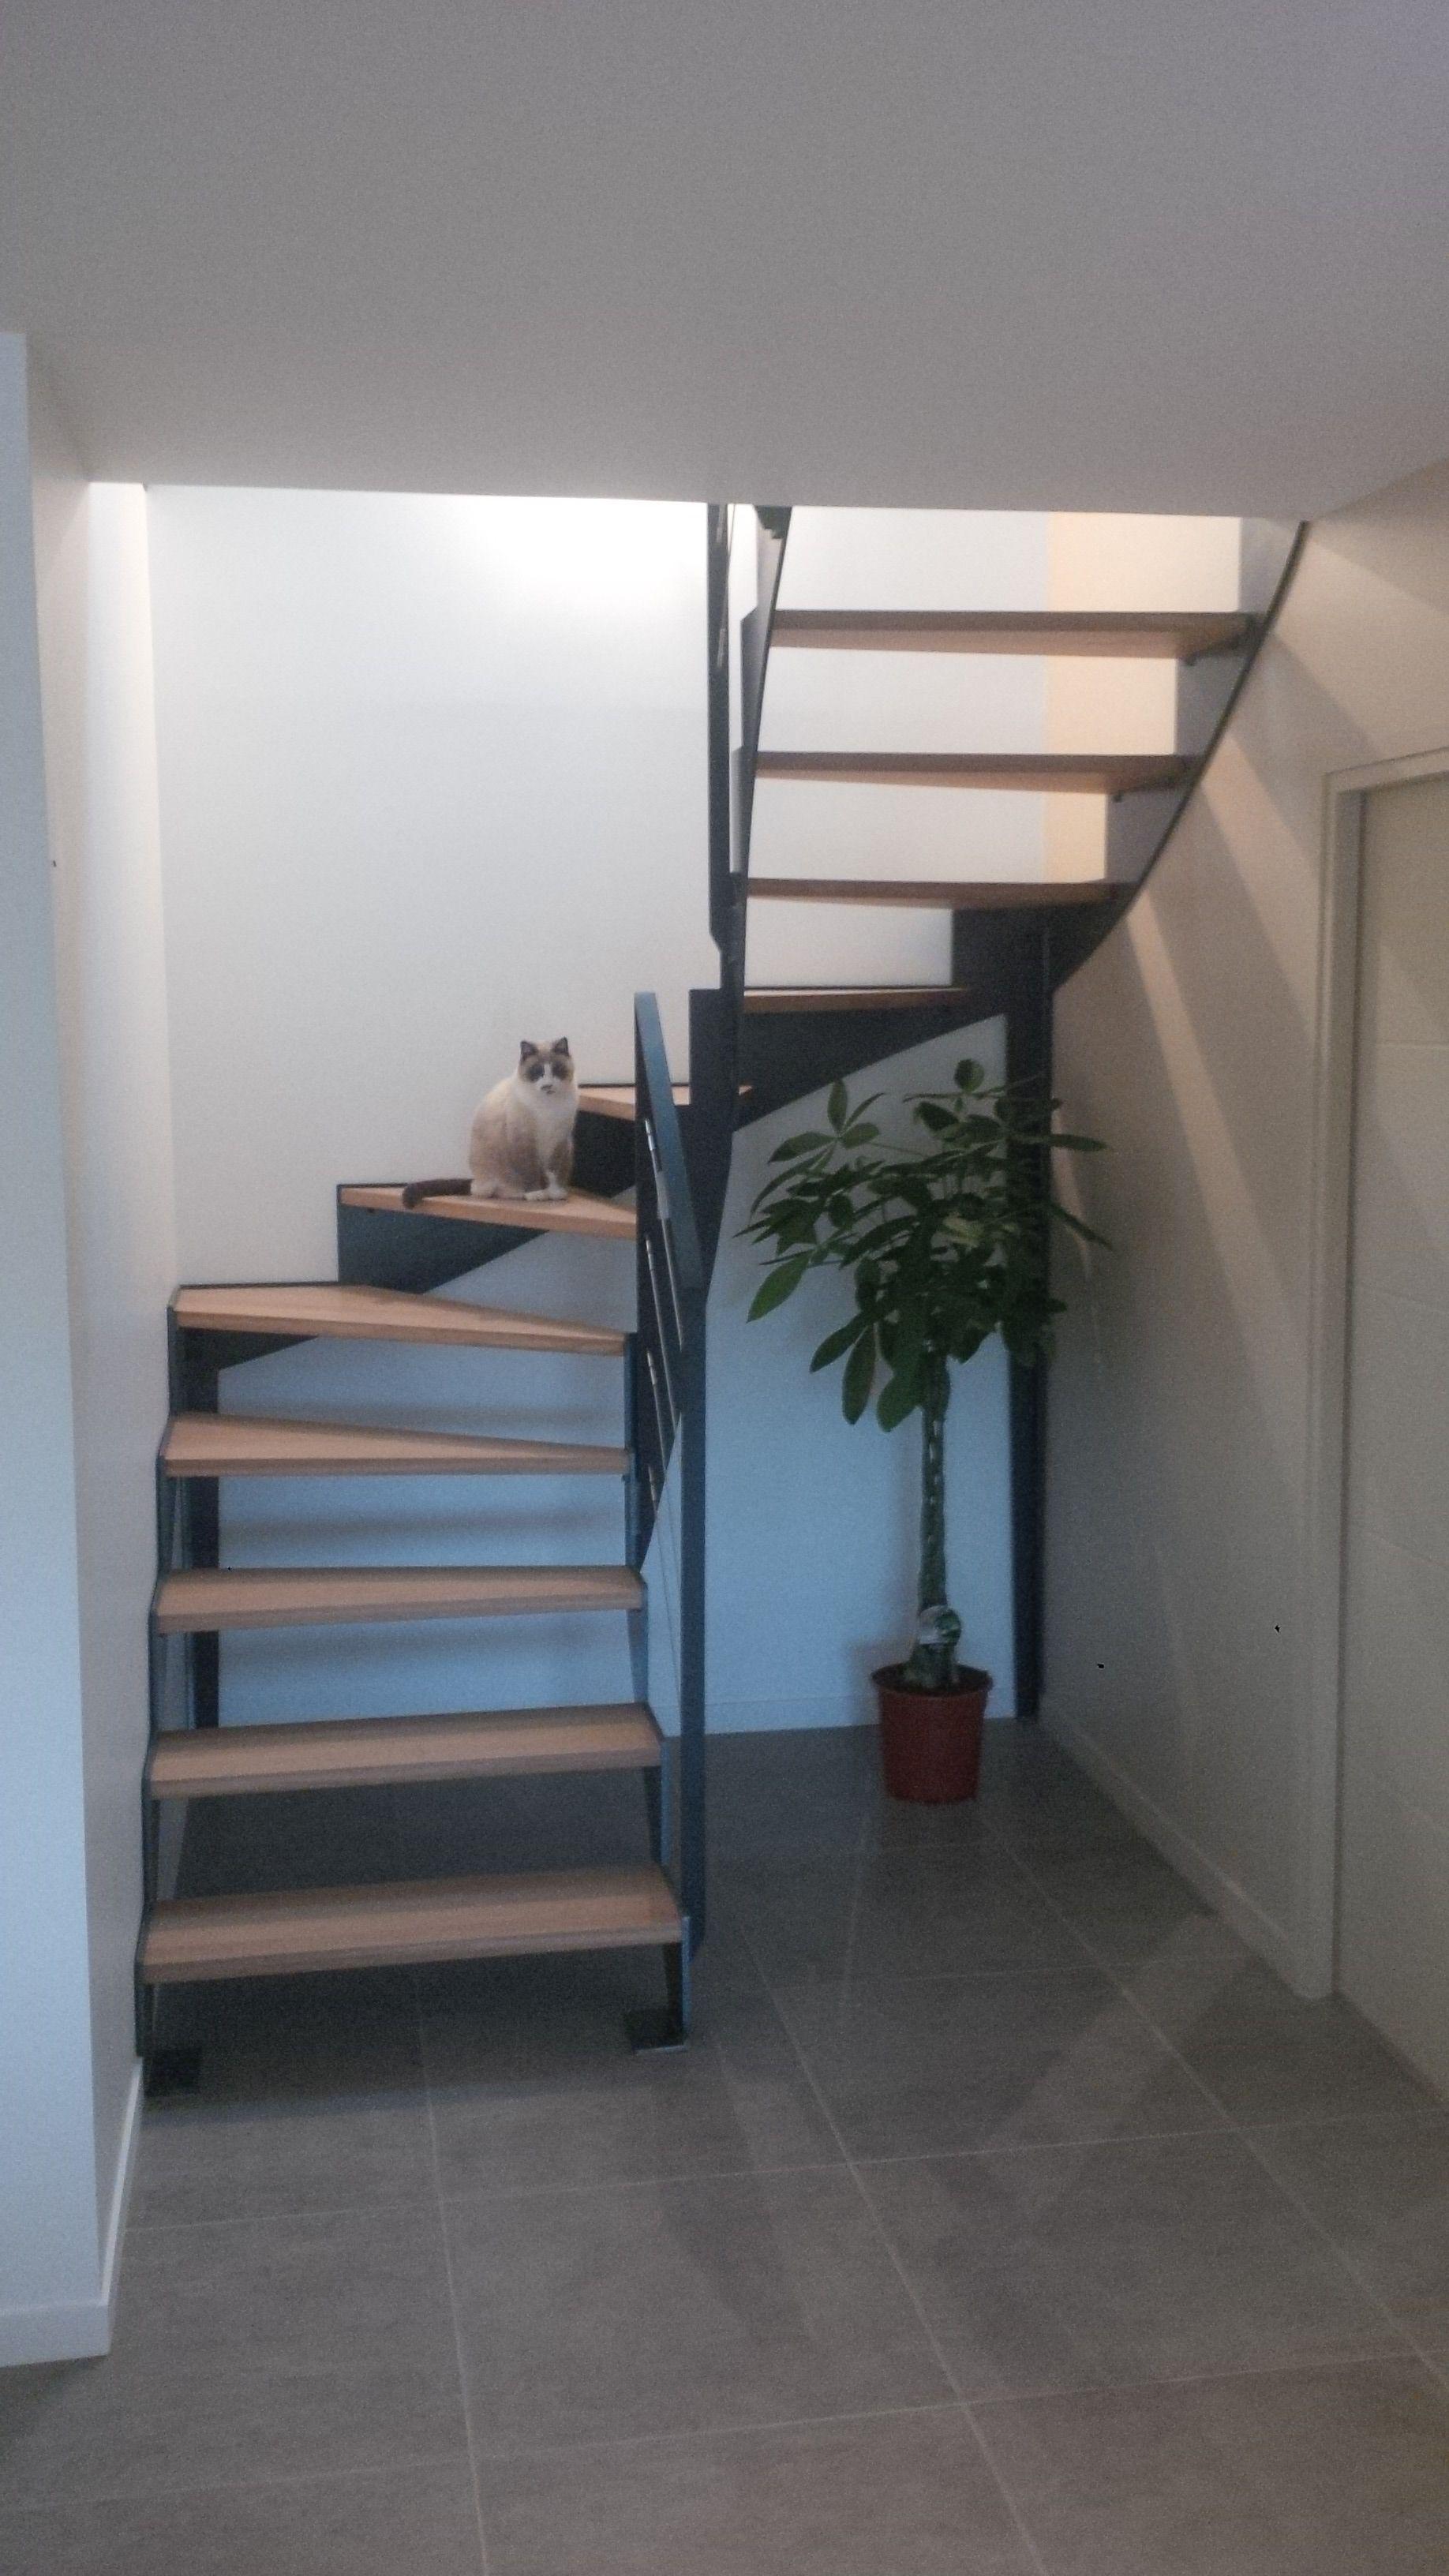 Escalier Design 2 4 Tournant Marches Bois Idees Escalier